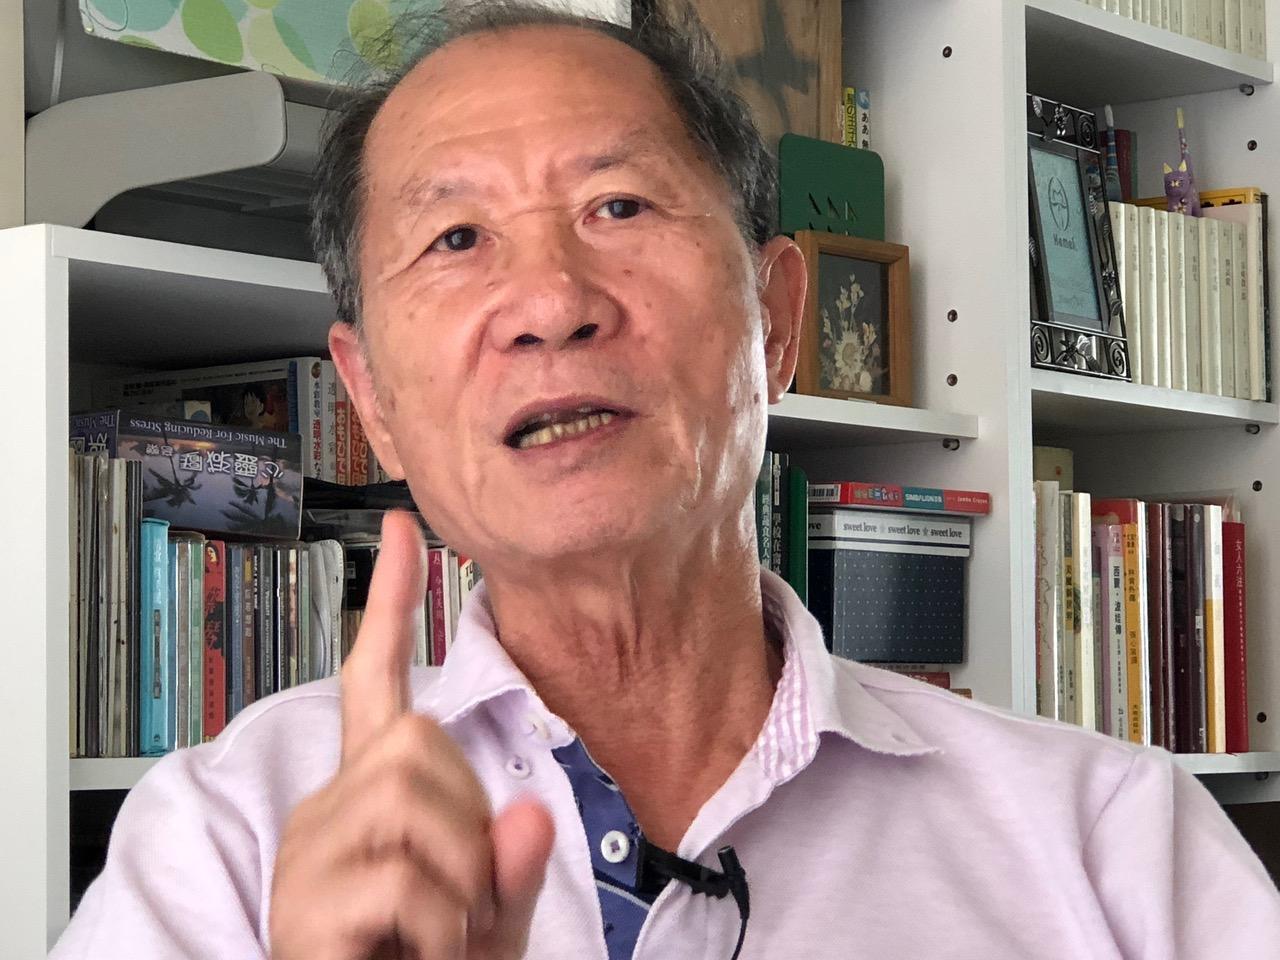 主张且实践非暴力抗争的台湾社运老将简锡(土皆)。(记者夏小华摄)